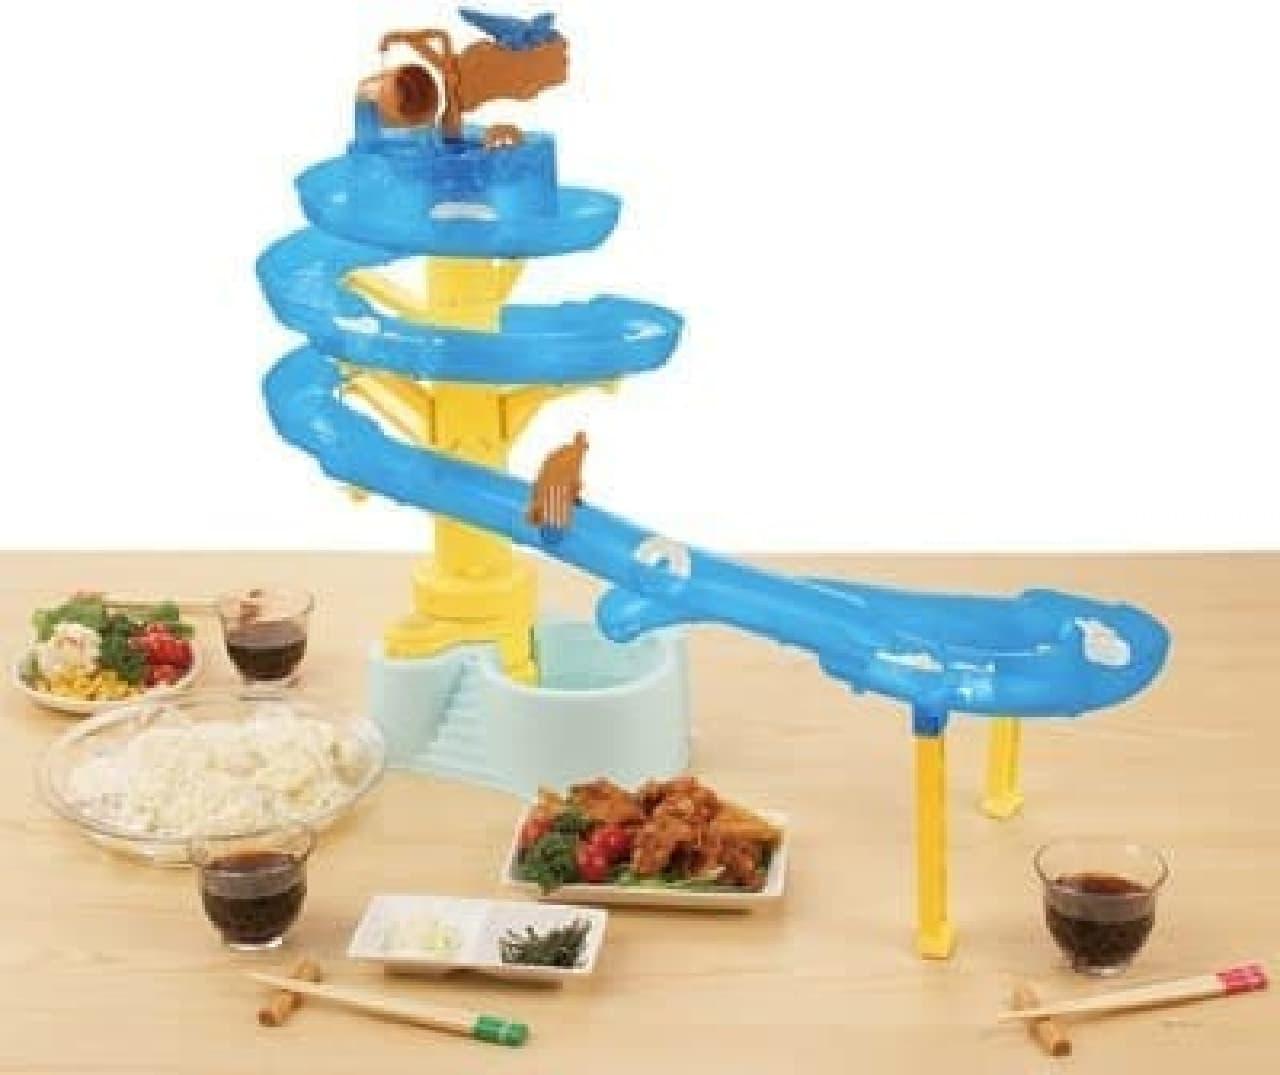 全長3.6メートルでありながら、テーブル上における「ビッグストリームそうめんスライダー」